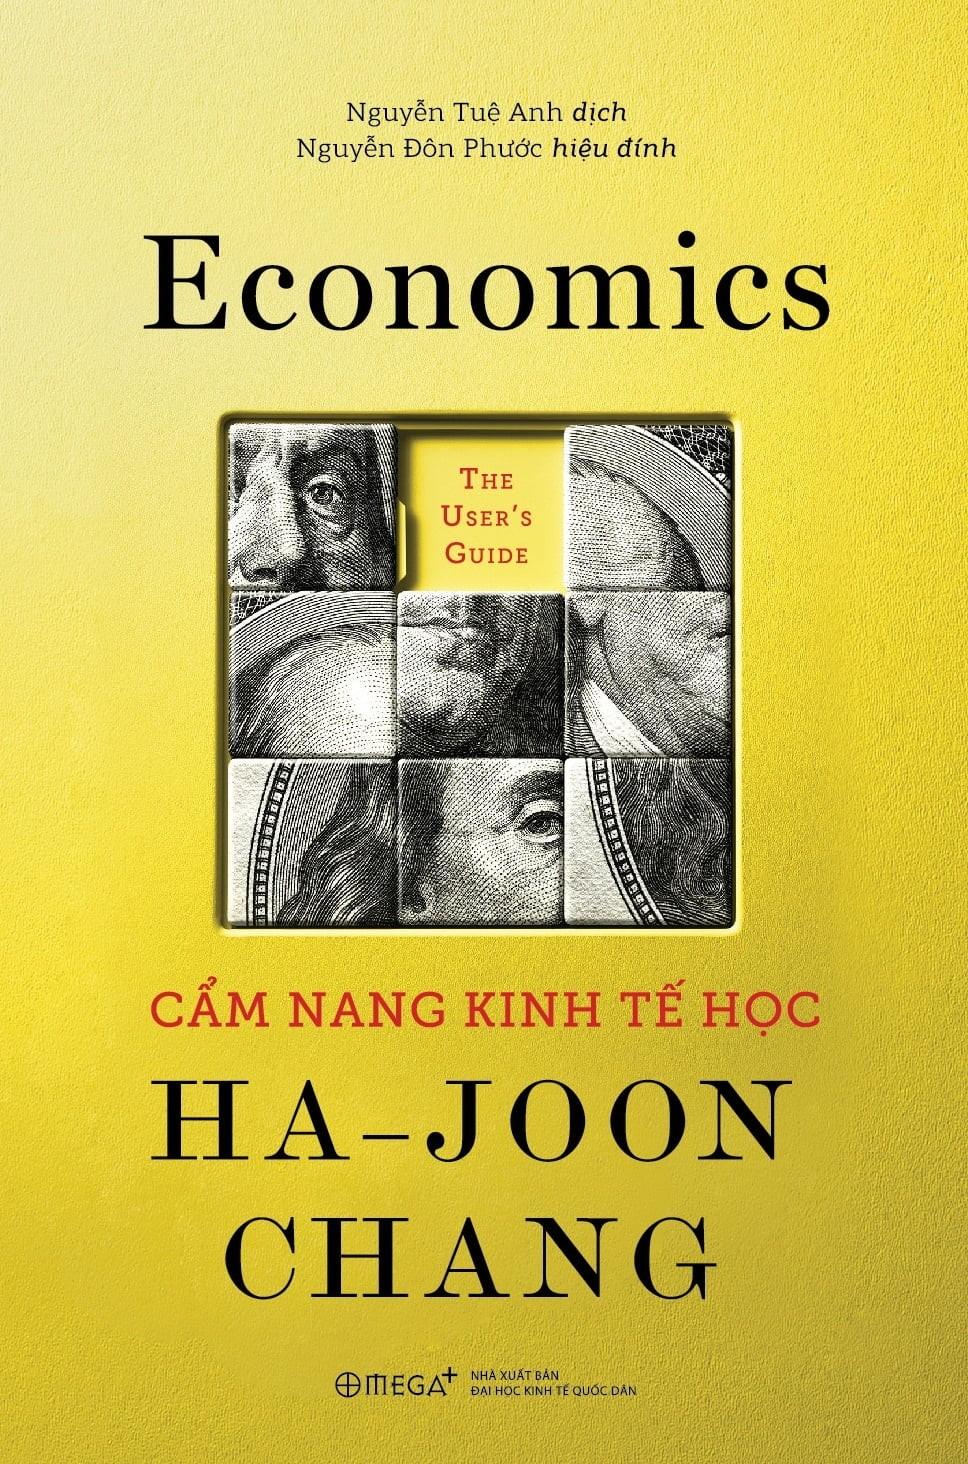 Cẩm nang Kinh tế học